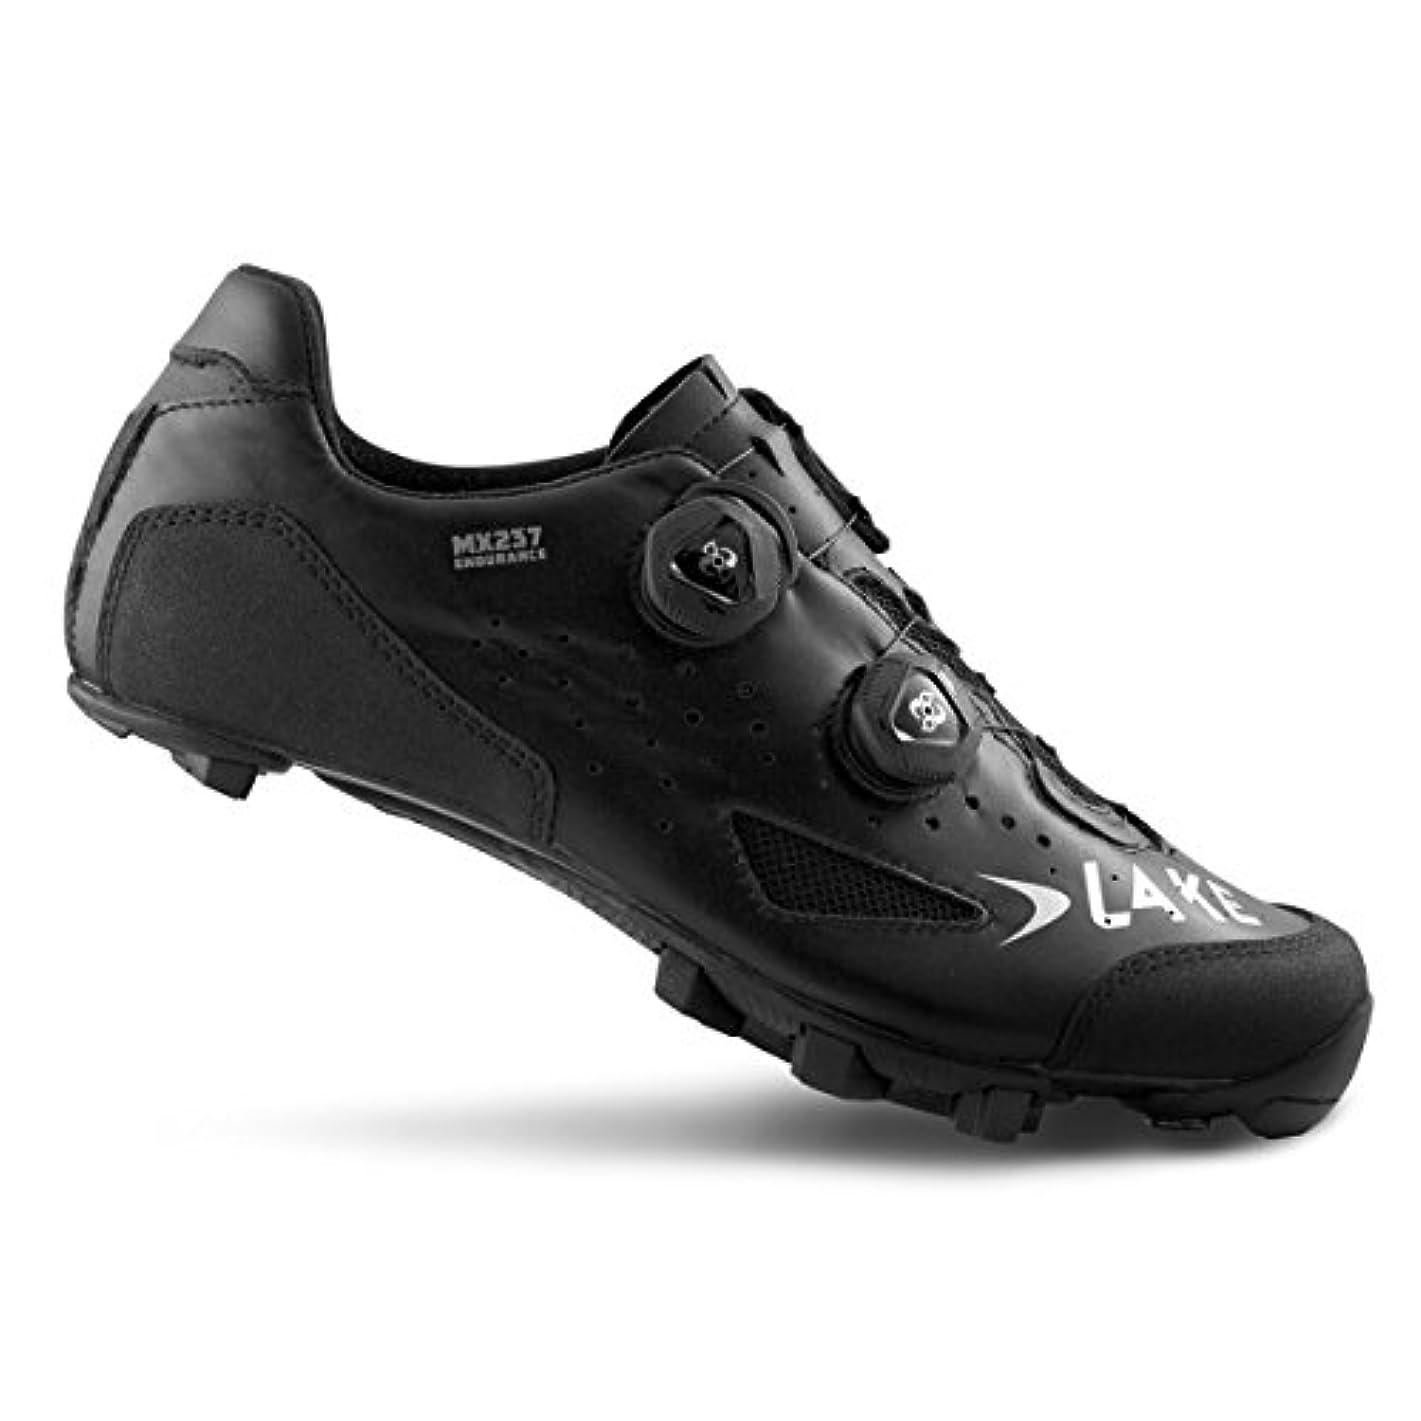 教育する写真撮影考案するLake mx237 Endurance Cycling Shoe – Men 'sブラック/ブラック、39.0